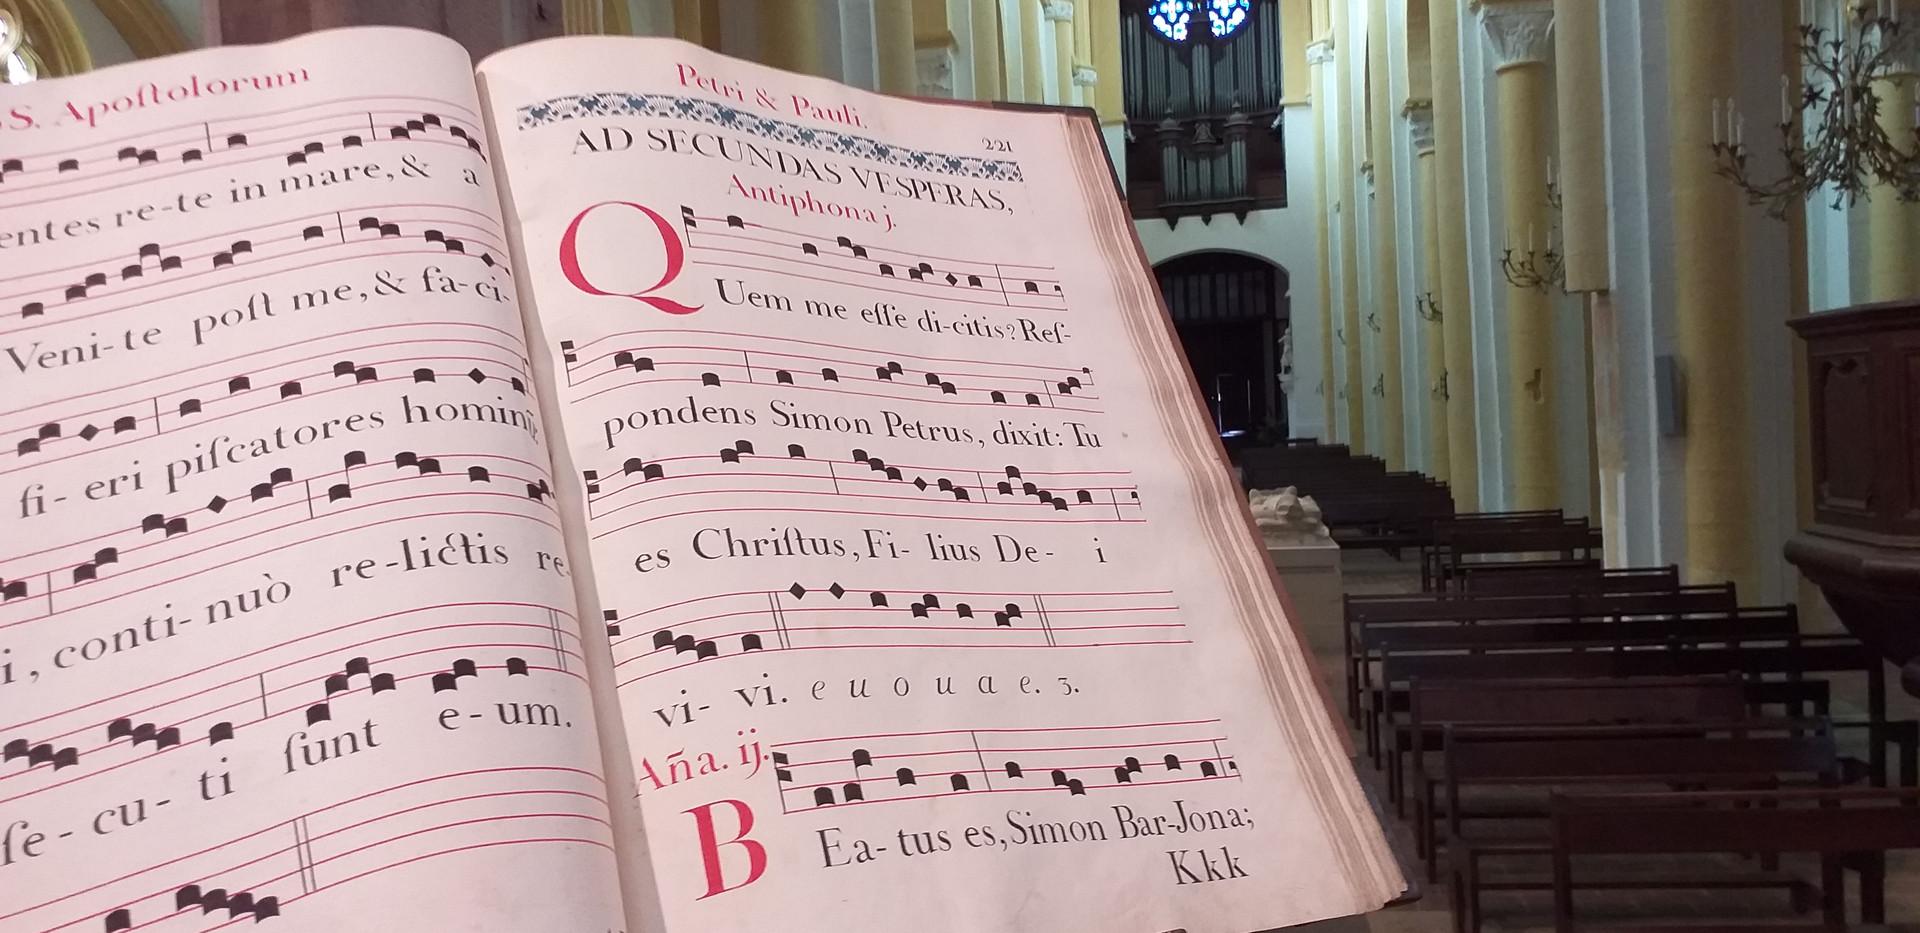 Antiphonaire de 1779 copié par les moine peu avant la construction de l'orgue